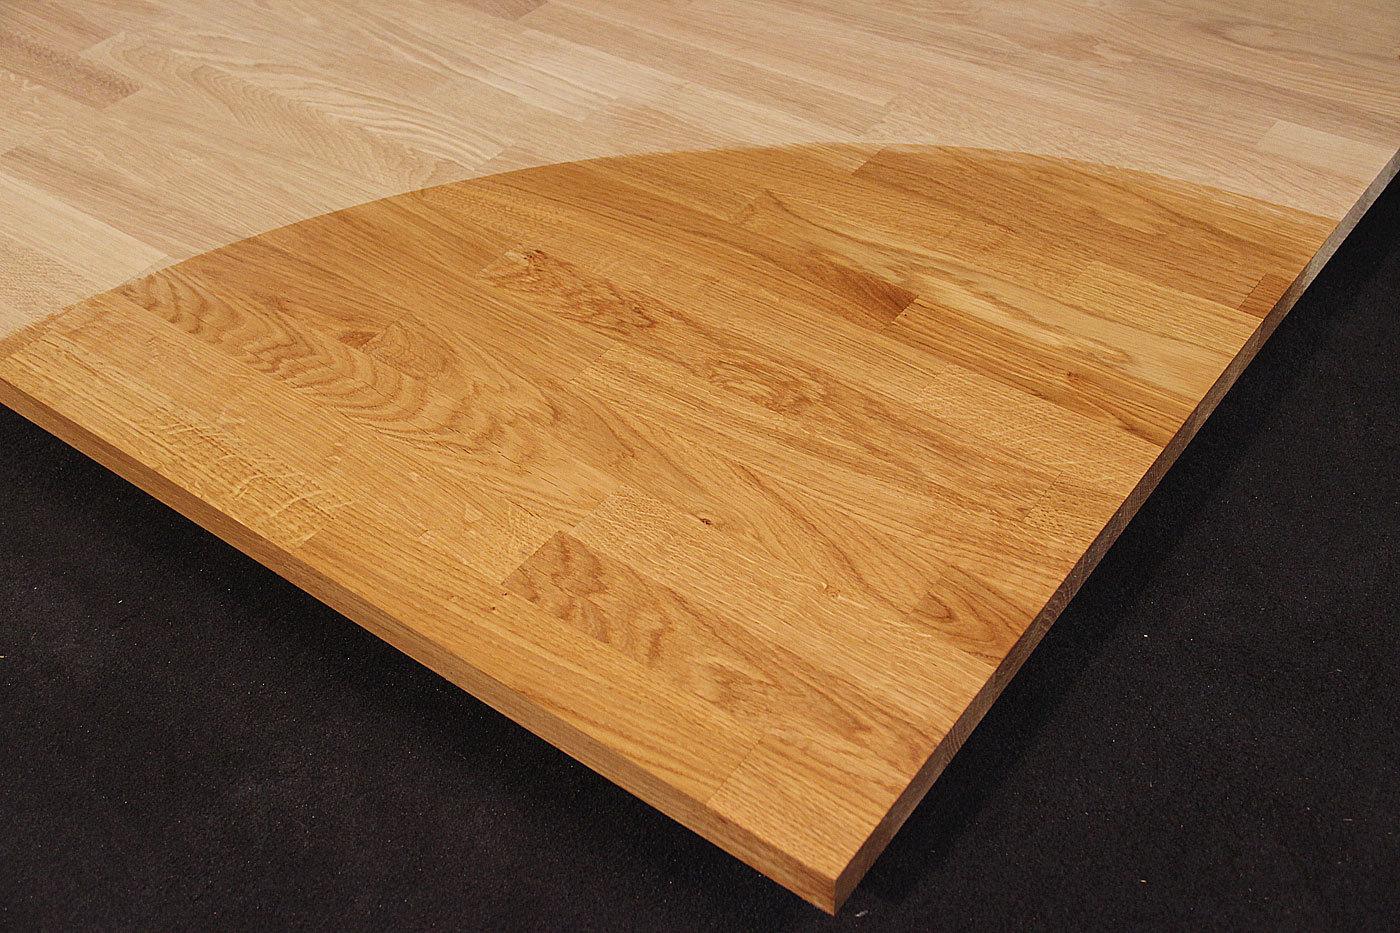 Küchenarbeitsplatte Eiche Behandeln ~ arbeitsplatte küchenarbeitsplatte massivholz eiche kgz 26 2900 900